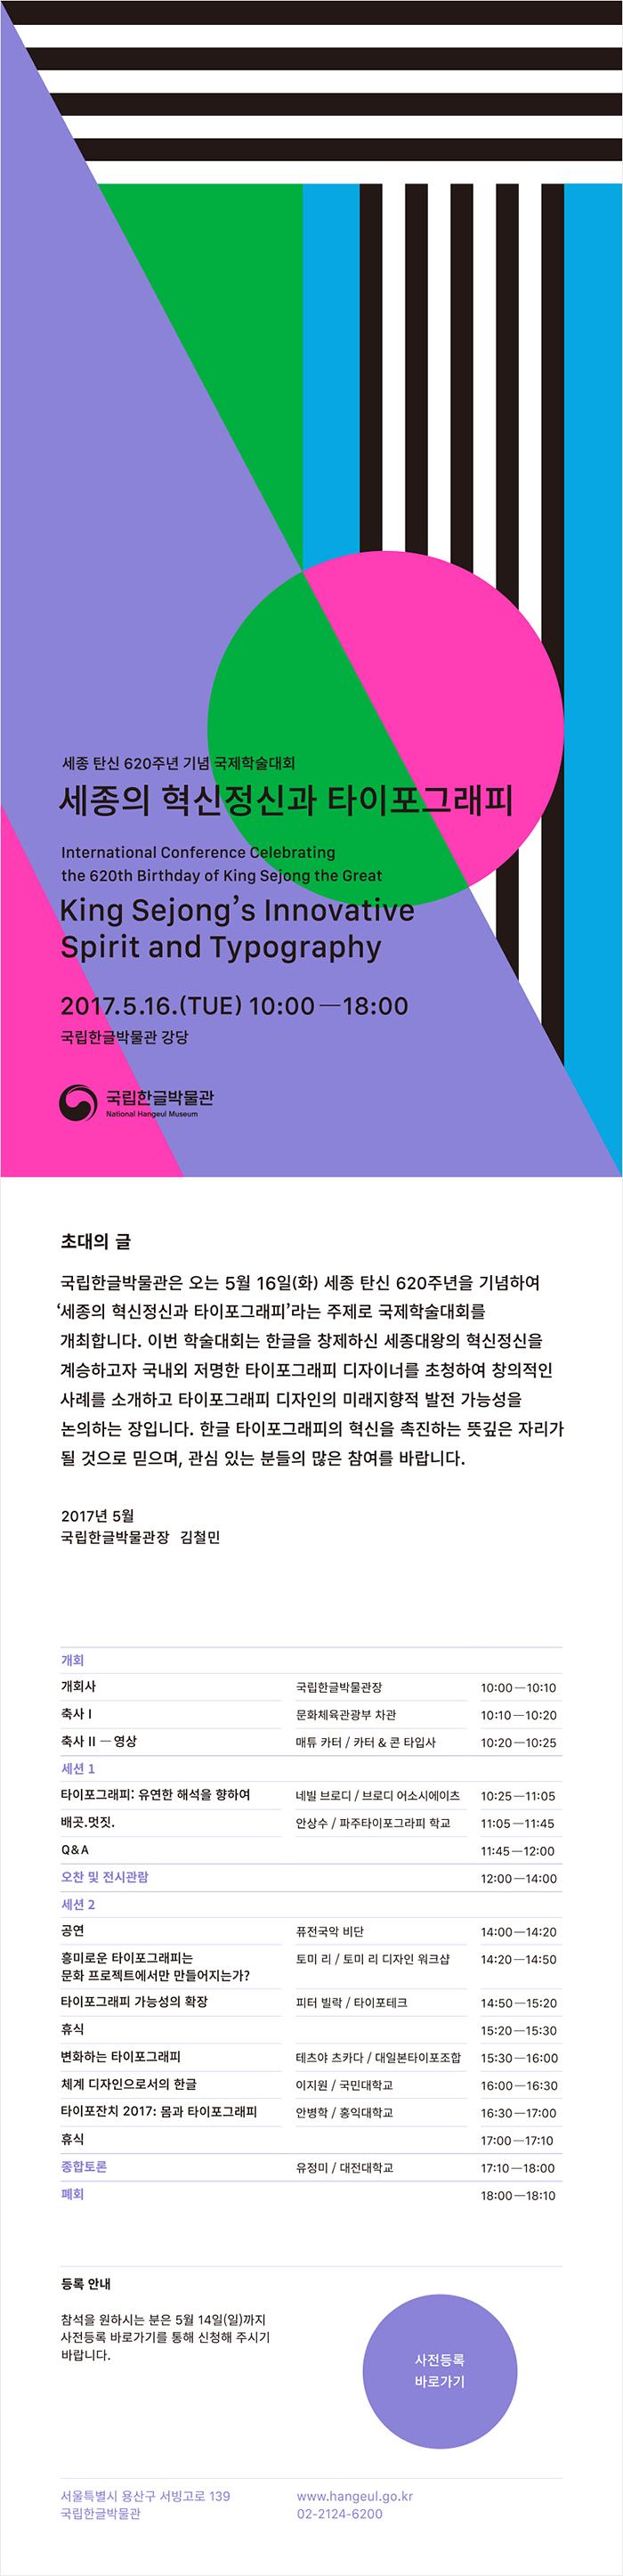 세종 탄신 620주년 기념 국제학술대회 세종의 혁신정신과 타이포그래피, International Conference Celebrating the 620th Birthday of King Seing the Great, King Sejong's Innovative Spirit and Typography, 2017.5.16.(THU) 10:00-18:00, 국립한글박물관 강당, 초대의 글, 국립한글박물관은 오는 5월 16일(화) 세종 탄신 620주년을 기념하여 세종의 혁신정신과 타이포그래피라는 주제로 국제학숙대회를 개최합니다. 이번 학술대회는 한글을 창제하신 세종대왕의 혁신정신을 계승하고자 국내외 저명한 타이포그래피 디자이너를 초청하여 창의적인 사례를 소개하고 타이포그래피 디자인의 미래지향적 발전 가능성을 논의하는 장입니다. 한글 타이포그래피의 혁신을 촉진하는 뜻깊은 자리가 될 것으로 믿으며, 관심 있는 분들의 많은 참여를 바랍니다., 2017년 5월 국립한글박물관장 김철민, 행사 순서 안내입니다. 10시~10시 10분: 개회사, 국립한글박물관장, 10시 10분~10시 20분: 축사 1, 문화체육관광부 차관, 10시 20분~10시 25분, 축사 2(영상), 매튜 카터, 카터 앤드 콘 타입사, 세션 1, 10시 25분~11시 5분, 타이포그래피: 유연한 해석을 향하여, 네빌 브로디, 브로디 어소시에이츠, 11시 5분~11시 45분, 배곳.멋진. 안상수, 11시 45분~12시, 질의 응답, 12시~오후2시, 오찬 및 전시관람, 세션 2, 오후 2시~오후 2시 20분, 공연, 퓨전국악 비단, 오후 2시 20분~2시 50분, 흥미로운 타이포그래피는 문화 프로젝트에서만 만들어지는가?, 토미 리, 토미 리 디자인 워크샵, 오후 2시 50분~3시 20분, 타이포그래피 가능성의 확장, 피터 빌락, 타이포테크, 오후 3시 20분~3시 30분, 휴식, 오후 3시 30분~4시, 변화하는 타이포그래피, 테츠야 츠카타, 대일본타이포조합, 오후 4시~4시30분, 체계 디자인으로서의 한글, 이지원, 국민대학교, 오후 4시 30분~5시, 타이포잔치 2017: 몸과 타이포그래피, 안병학, 홍익대학교, 오후 5시~5시 10분, 휴식, 오후 5시 10분~6시, 종합토론, 유정미, 대전대학교, 오후 6시~6시 10분, 폐회, 등록안내: 참석을 원하시는 분은 5월 14일 일요일가지 사전등록 바로가기를 통해 신청해 주시기 바랍니다. 사전등록 바로가기 url, https://goo.gl/forms/AGUYZSIGUIDSU6Io2, 국립한글박물관 주소: 서울시 용산구 서빙고로 139, 누리집(홈페이지) url: www.hangeul.go.kr, 대표전화: 02-2124-6200